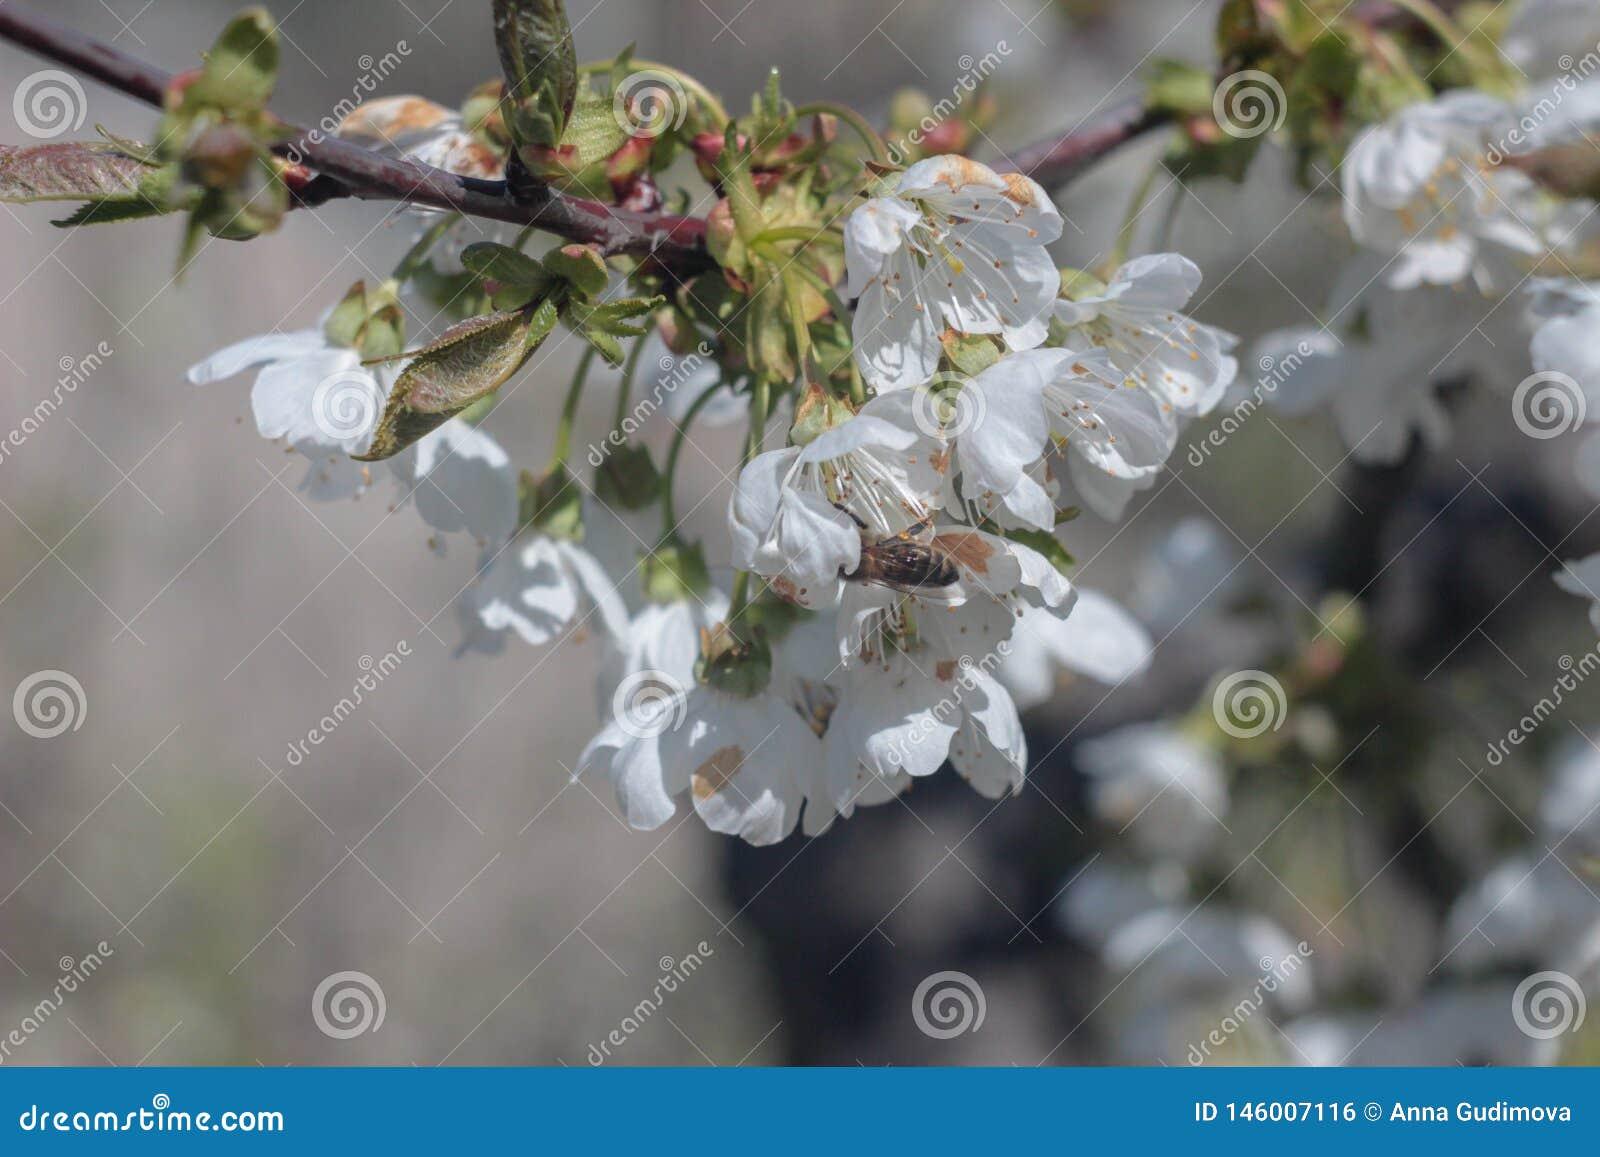 Foto del cerezo floreciente